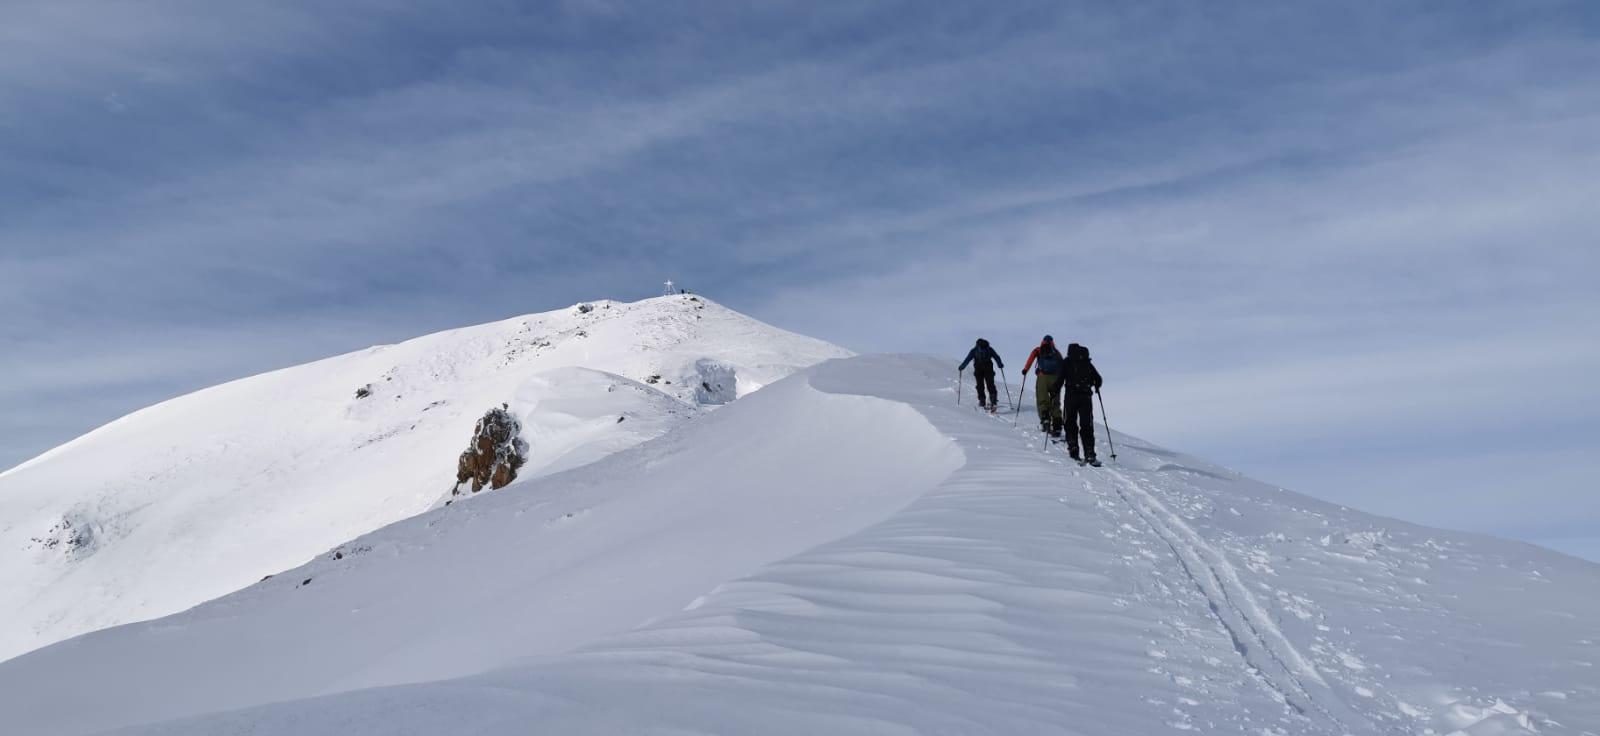 Rötenspitze 2.481 m (Skitour)